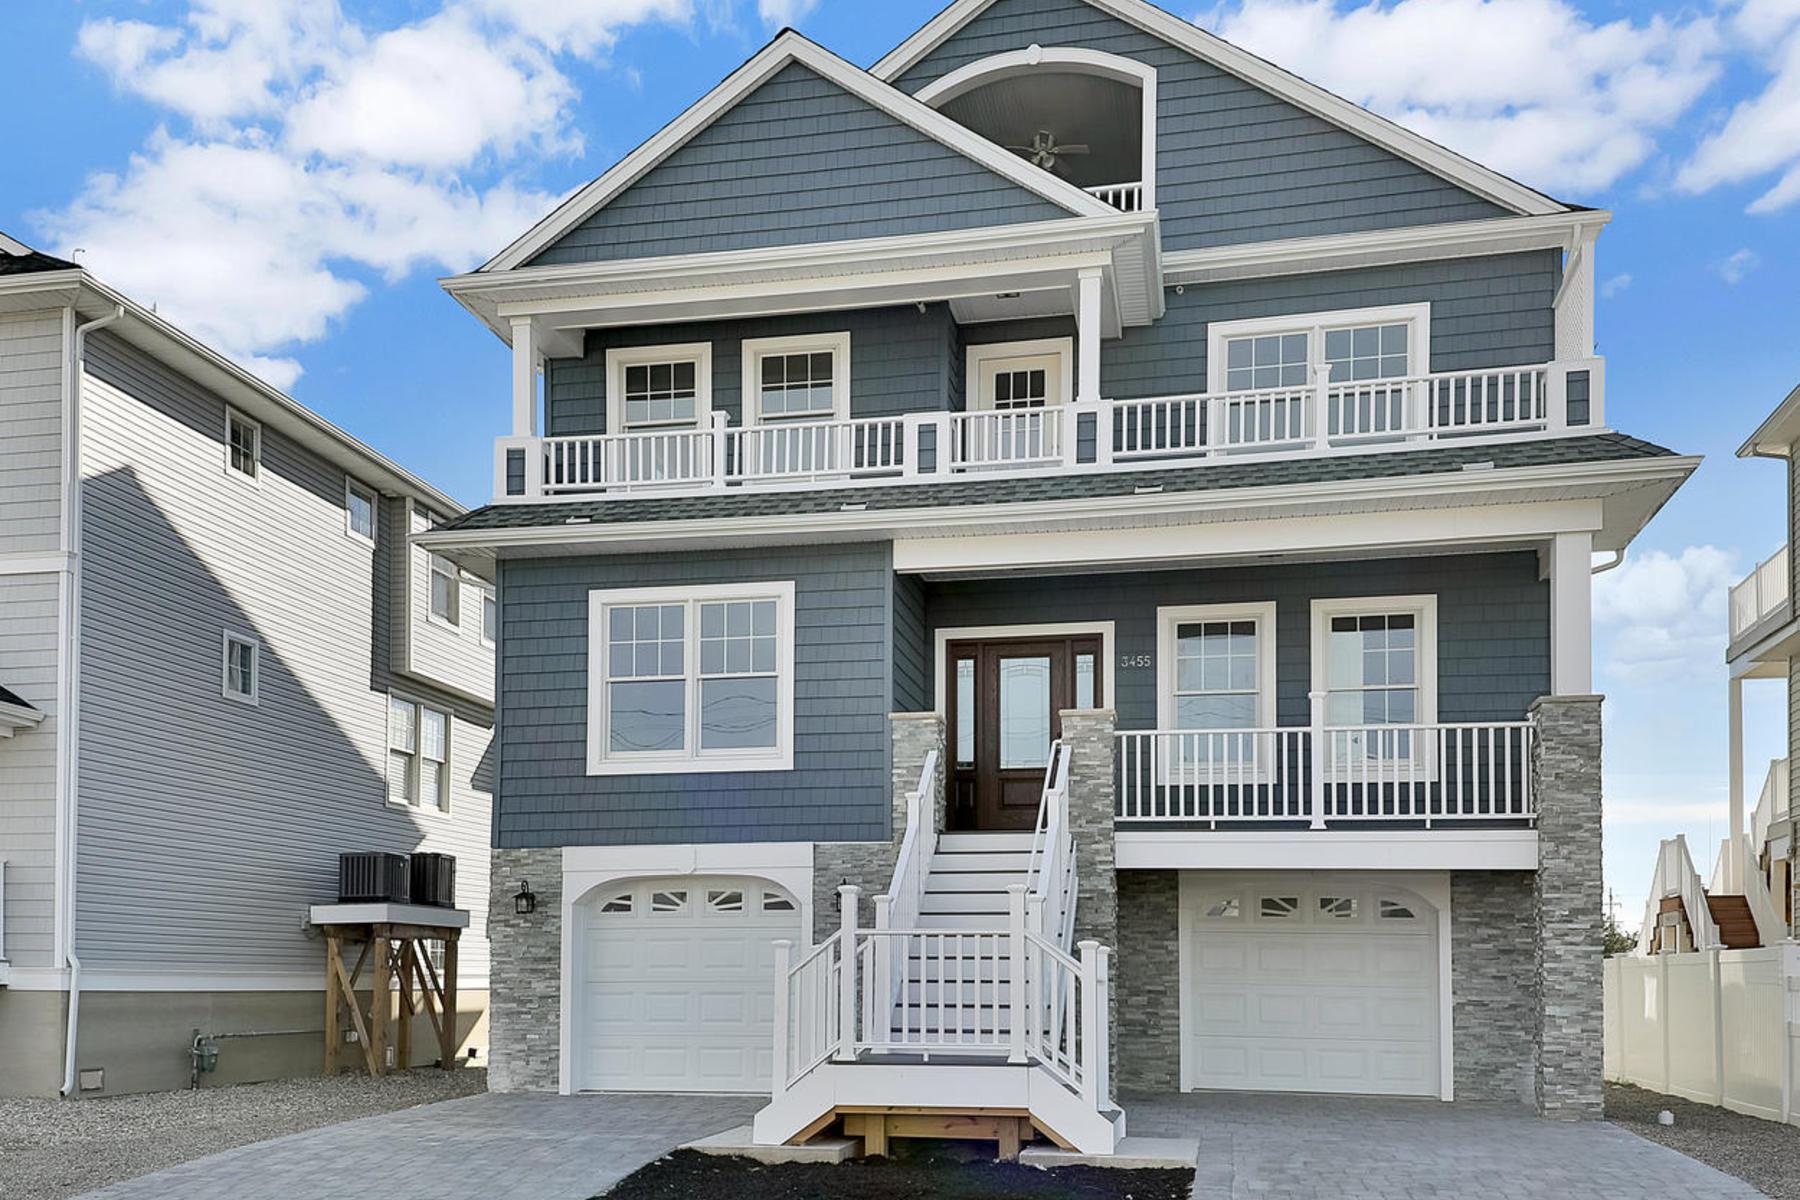 Частный односемейный дом для того Продажа на 3455 Maritime Drive Toms River, Нью-Джерси 08753 Соединенные Штаты